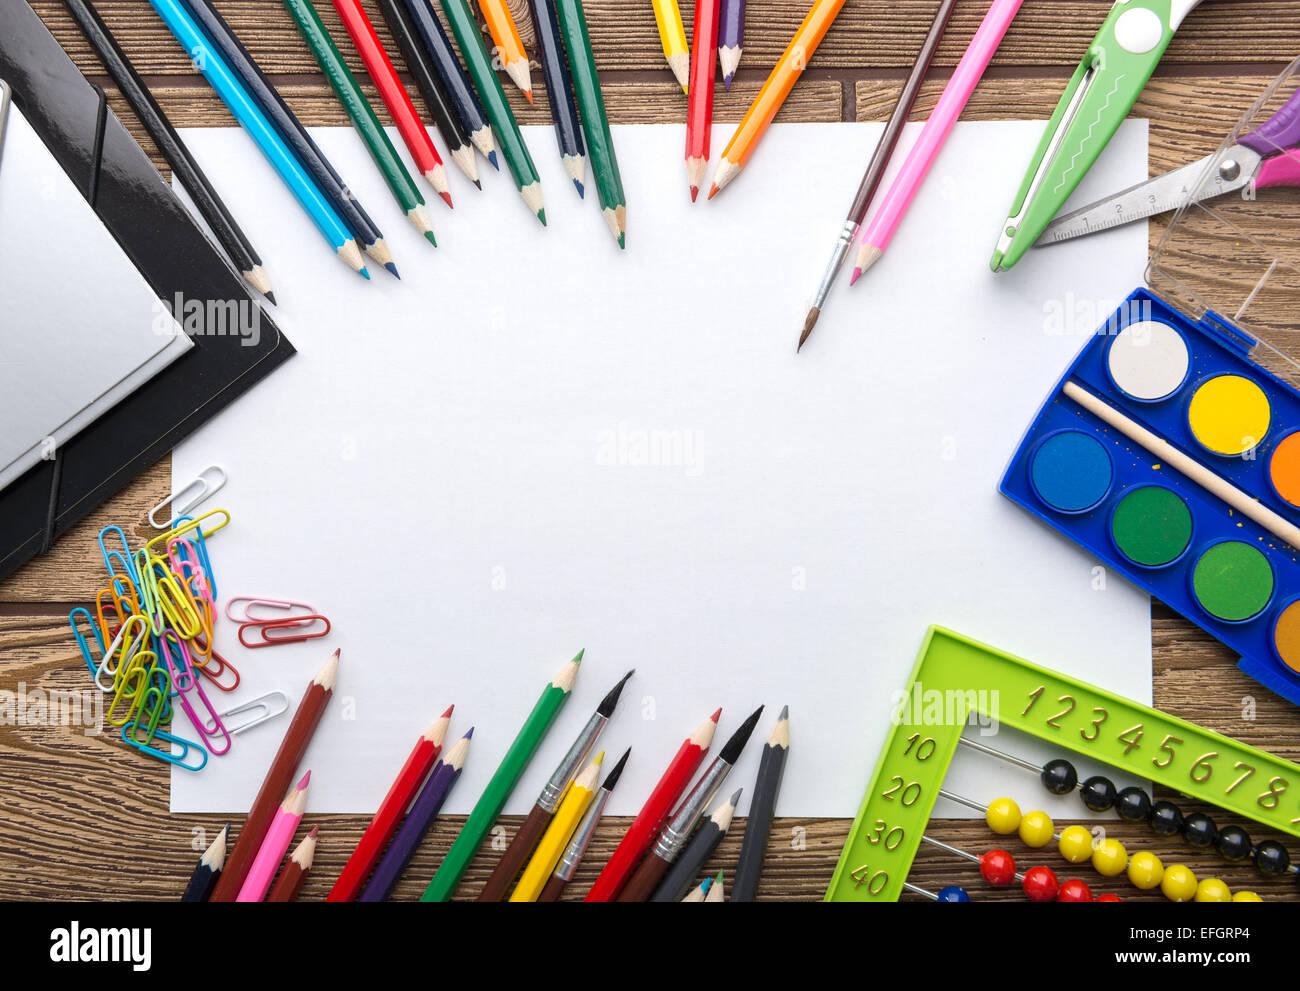 Papelería escolar bastidor sobre fondo de madera: papel, lápiz ...